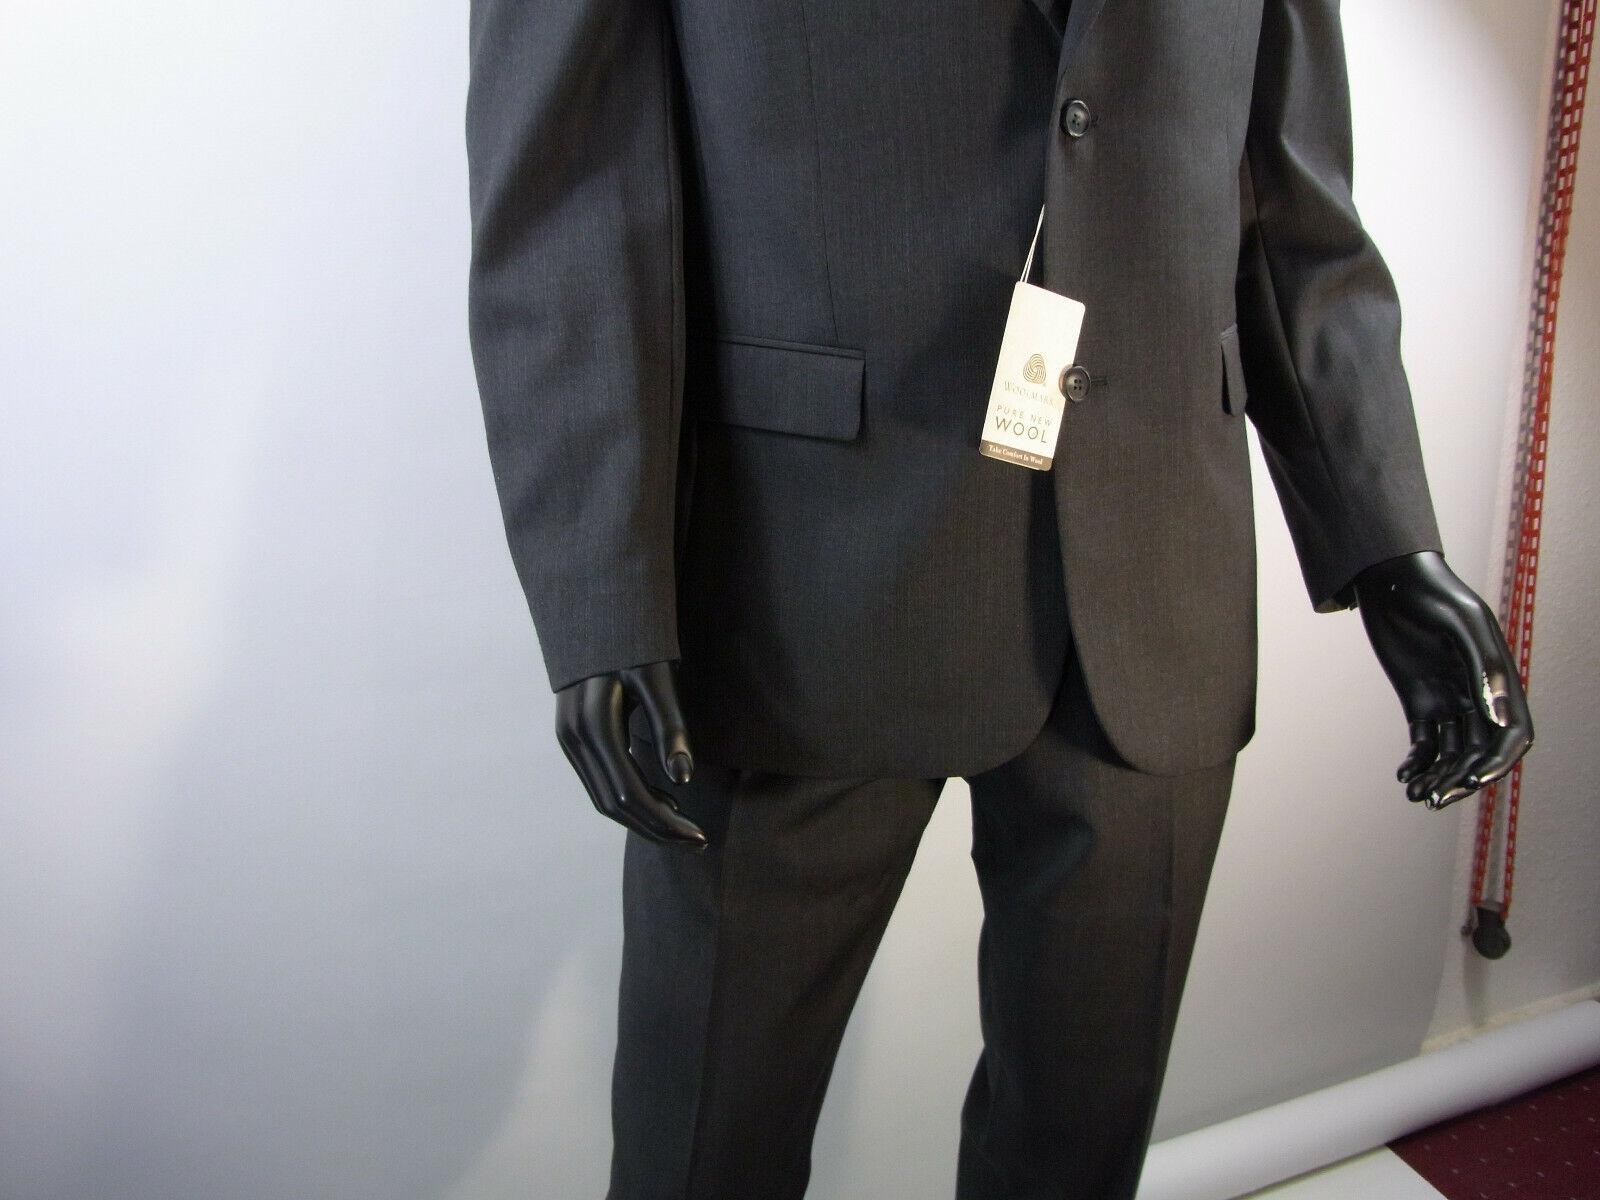 Herren Anzug Männer Anzug Bexleys  Man Farbe Anthrazit 100% Schurwolle Model 42